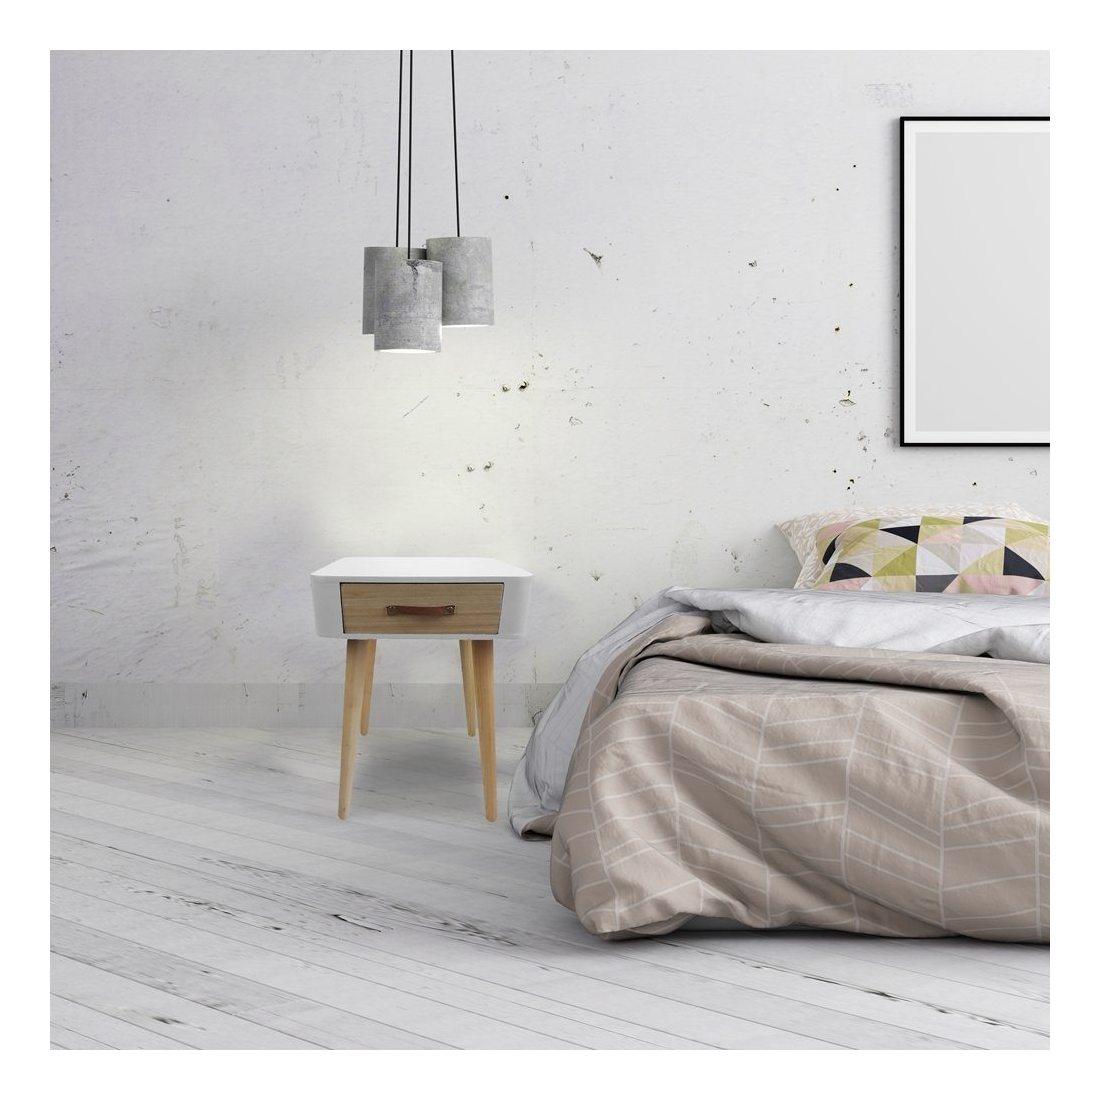 the home deco factory hd3739 chevet 1 tiroir en bois mdf blanc 37x37x37 5 cm. Black Bedroom Furniture Sets. Home Design Ideas